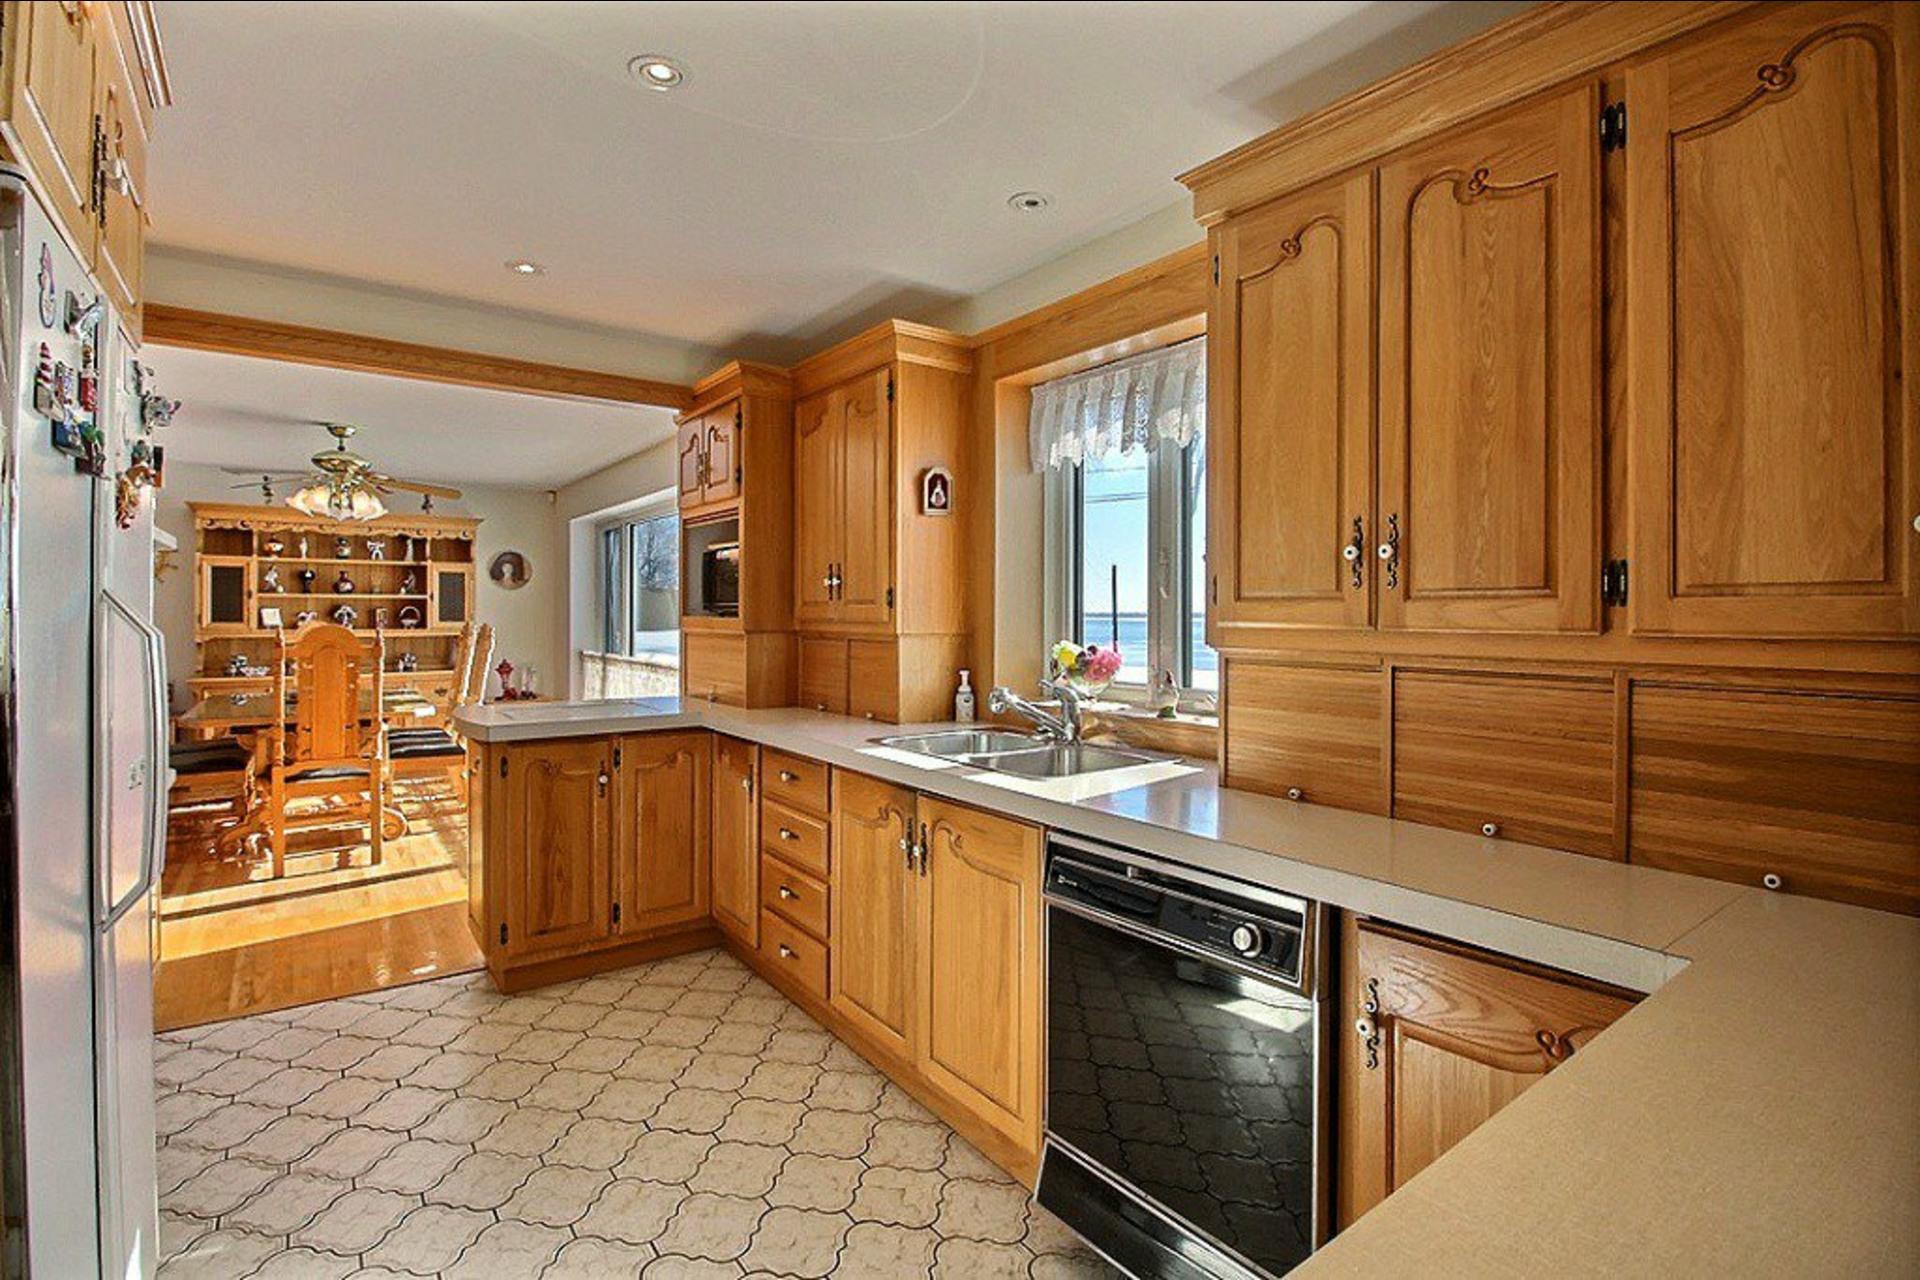 image 5 - House For sale Trois-Rivières - 14 rooms